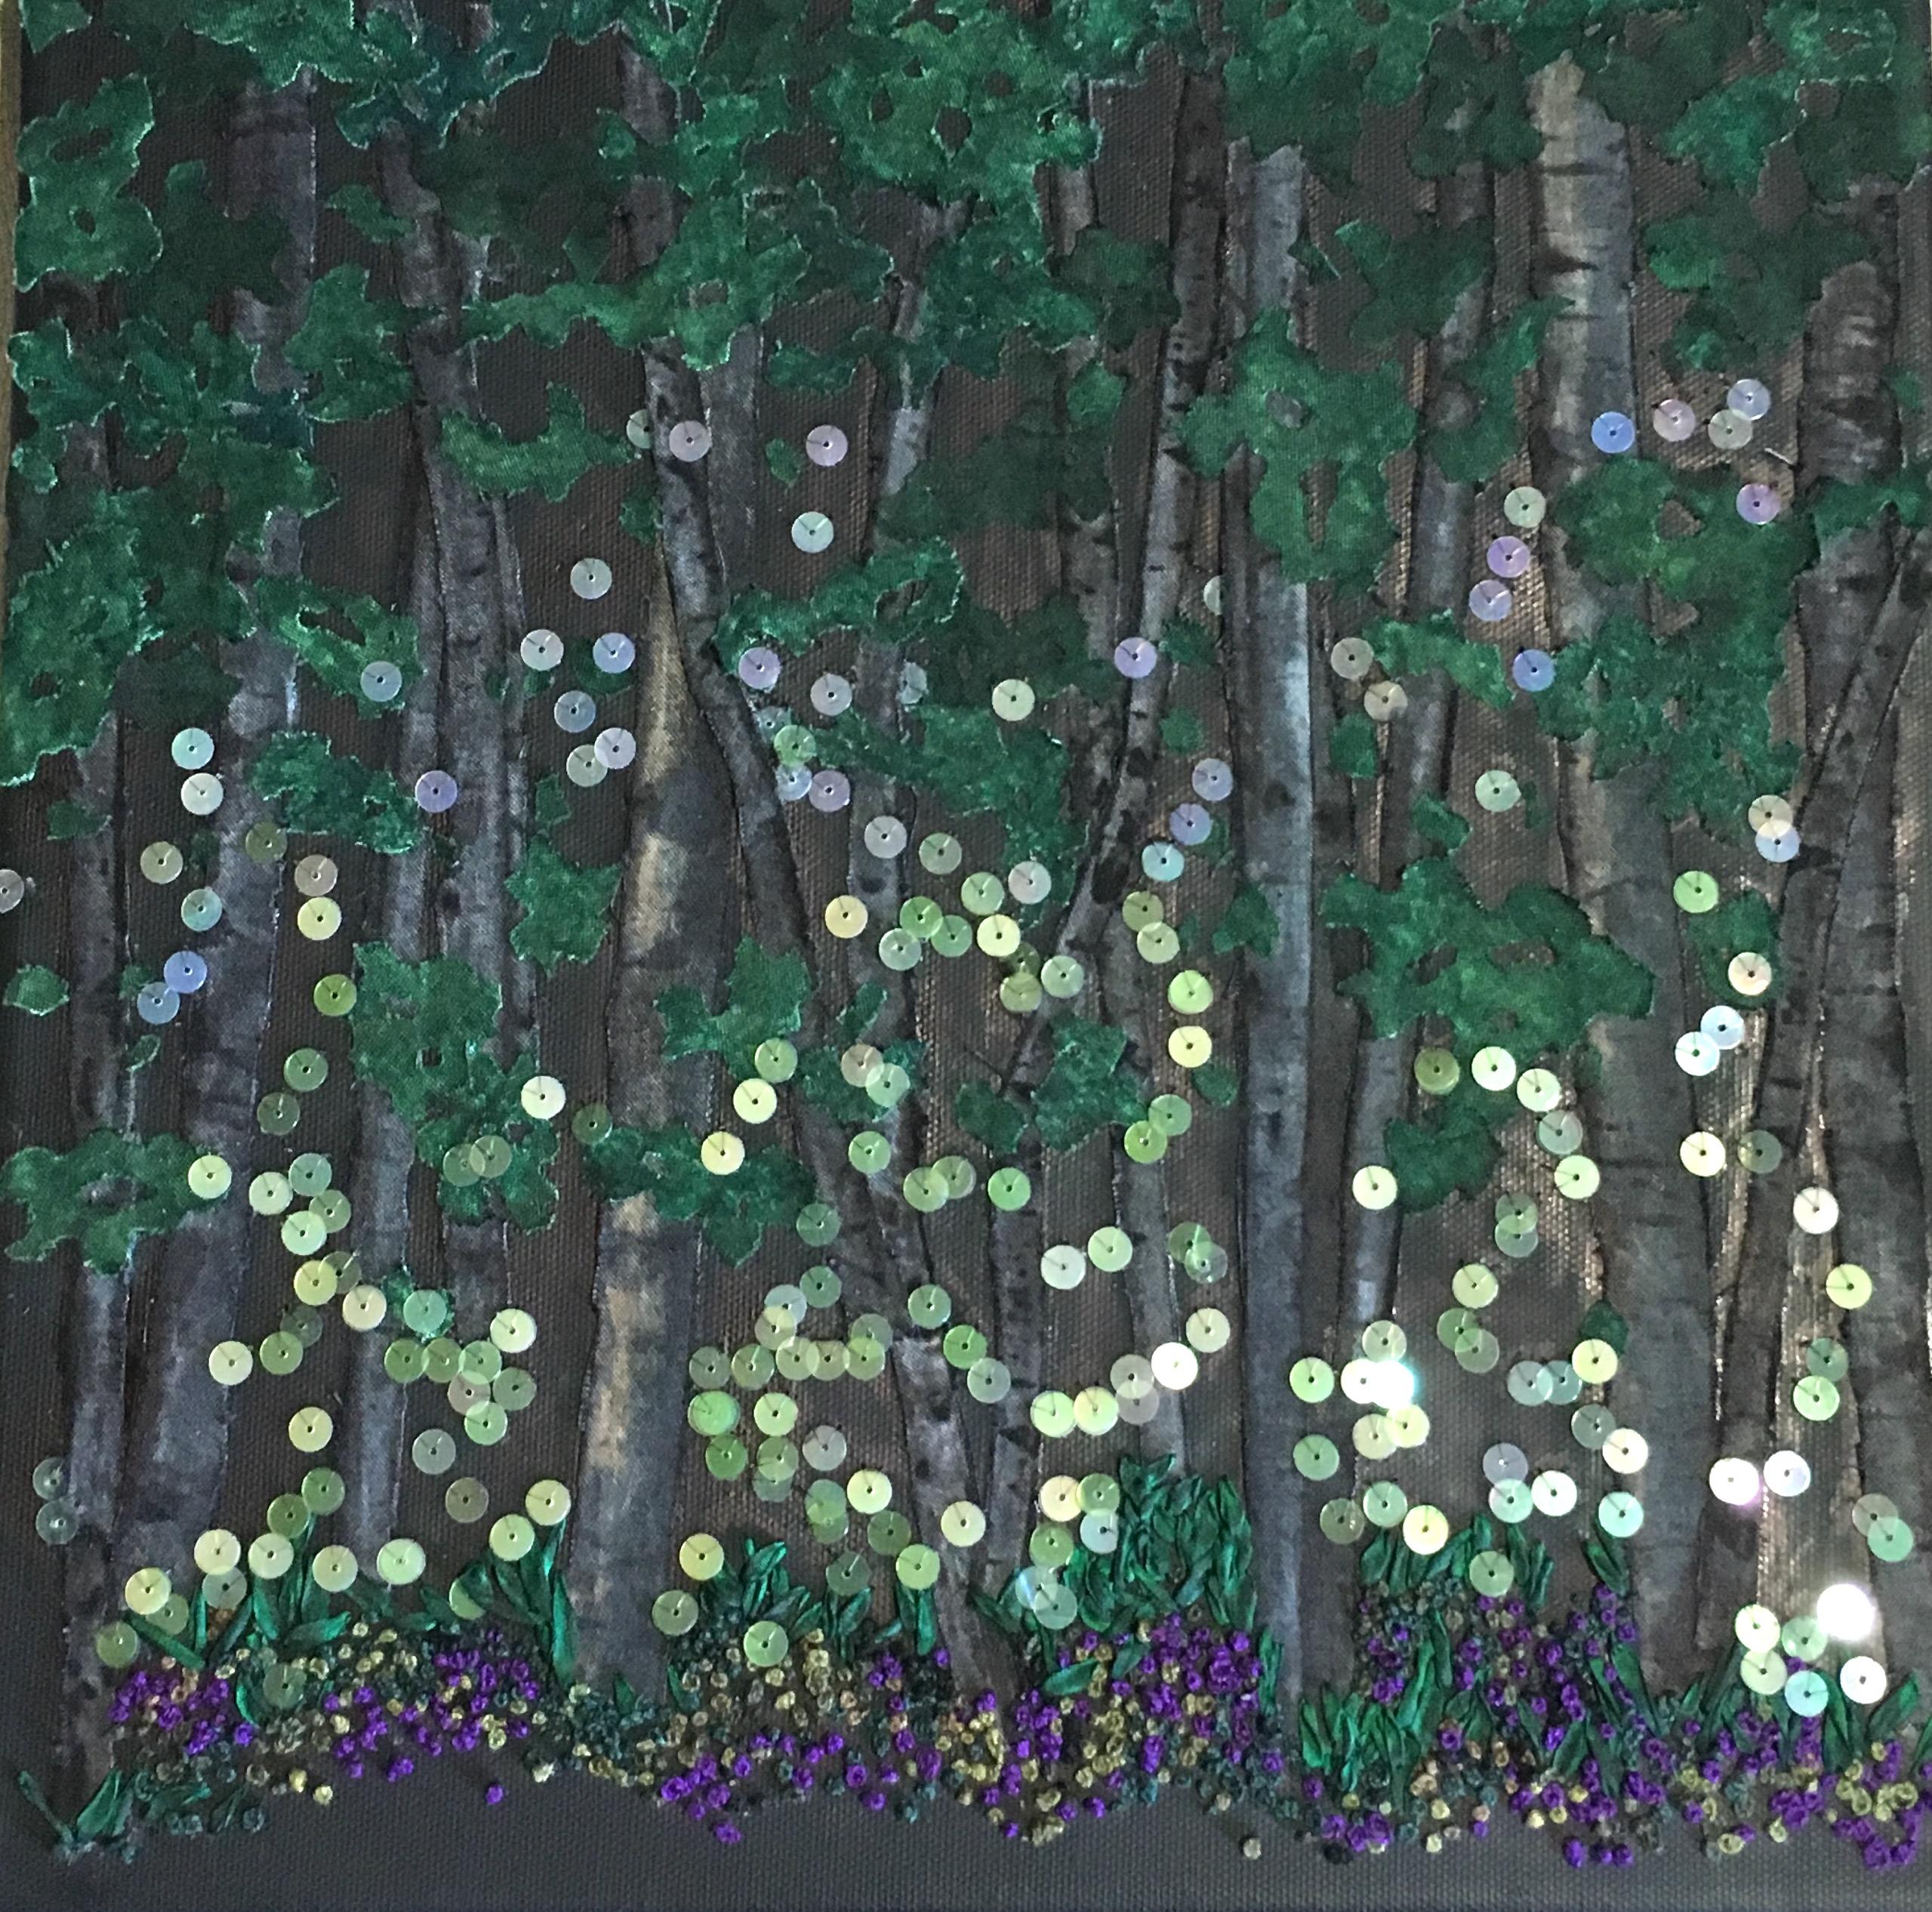 Keirnan-Hale Fireflies